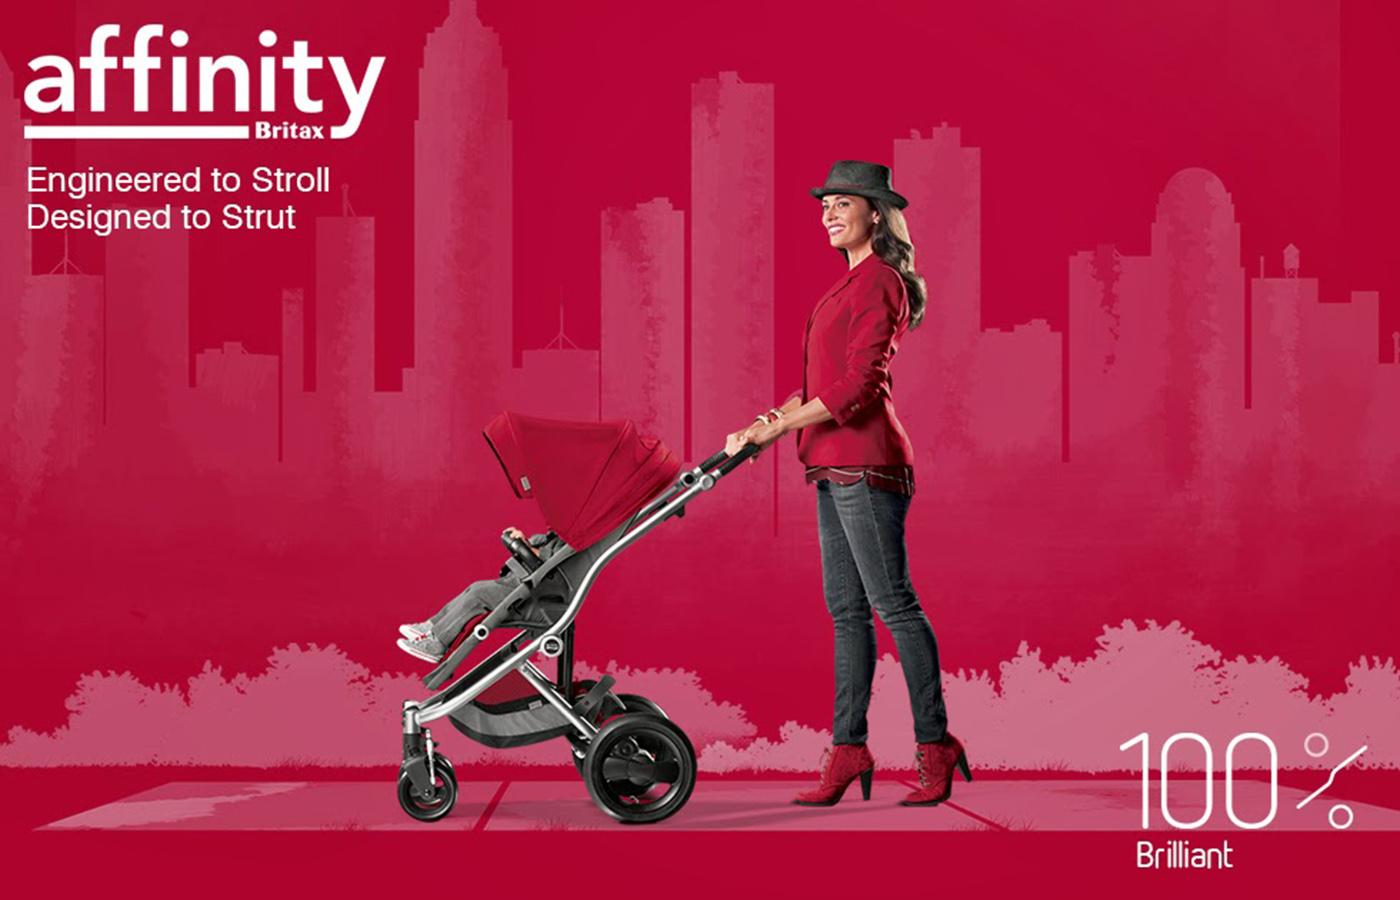 affinity-stroller-red-pepper (2016_08_04 16_24_06 UTC).jpg